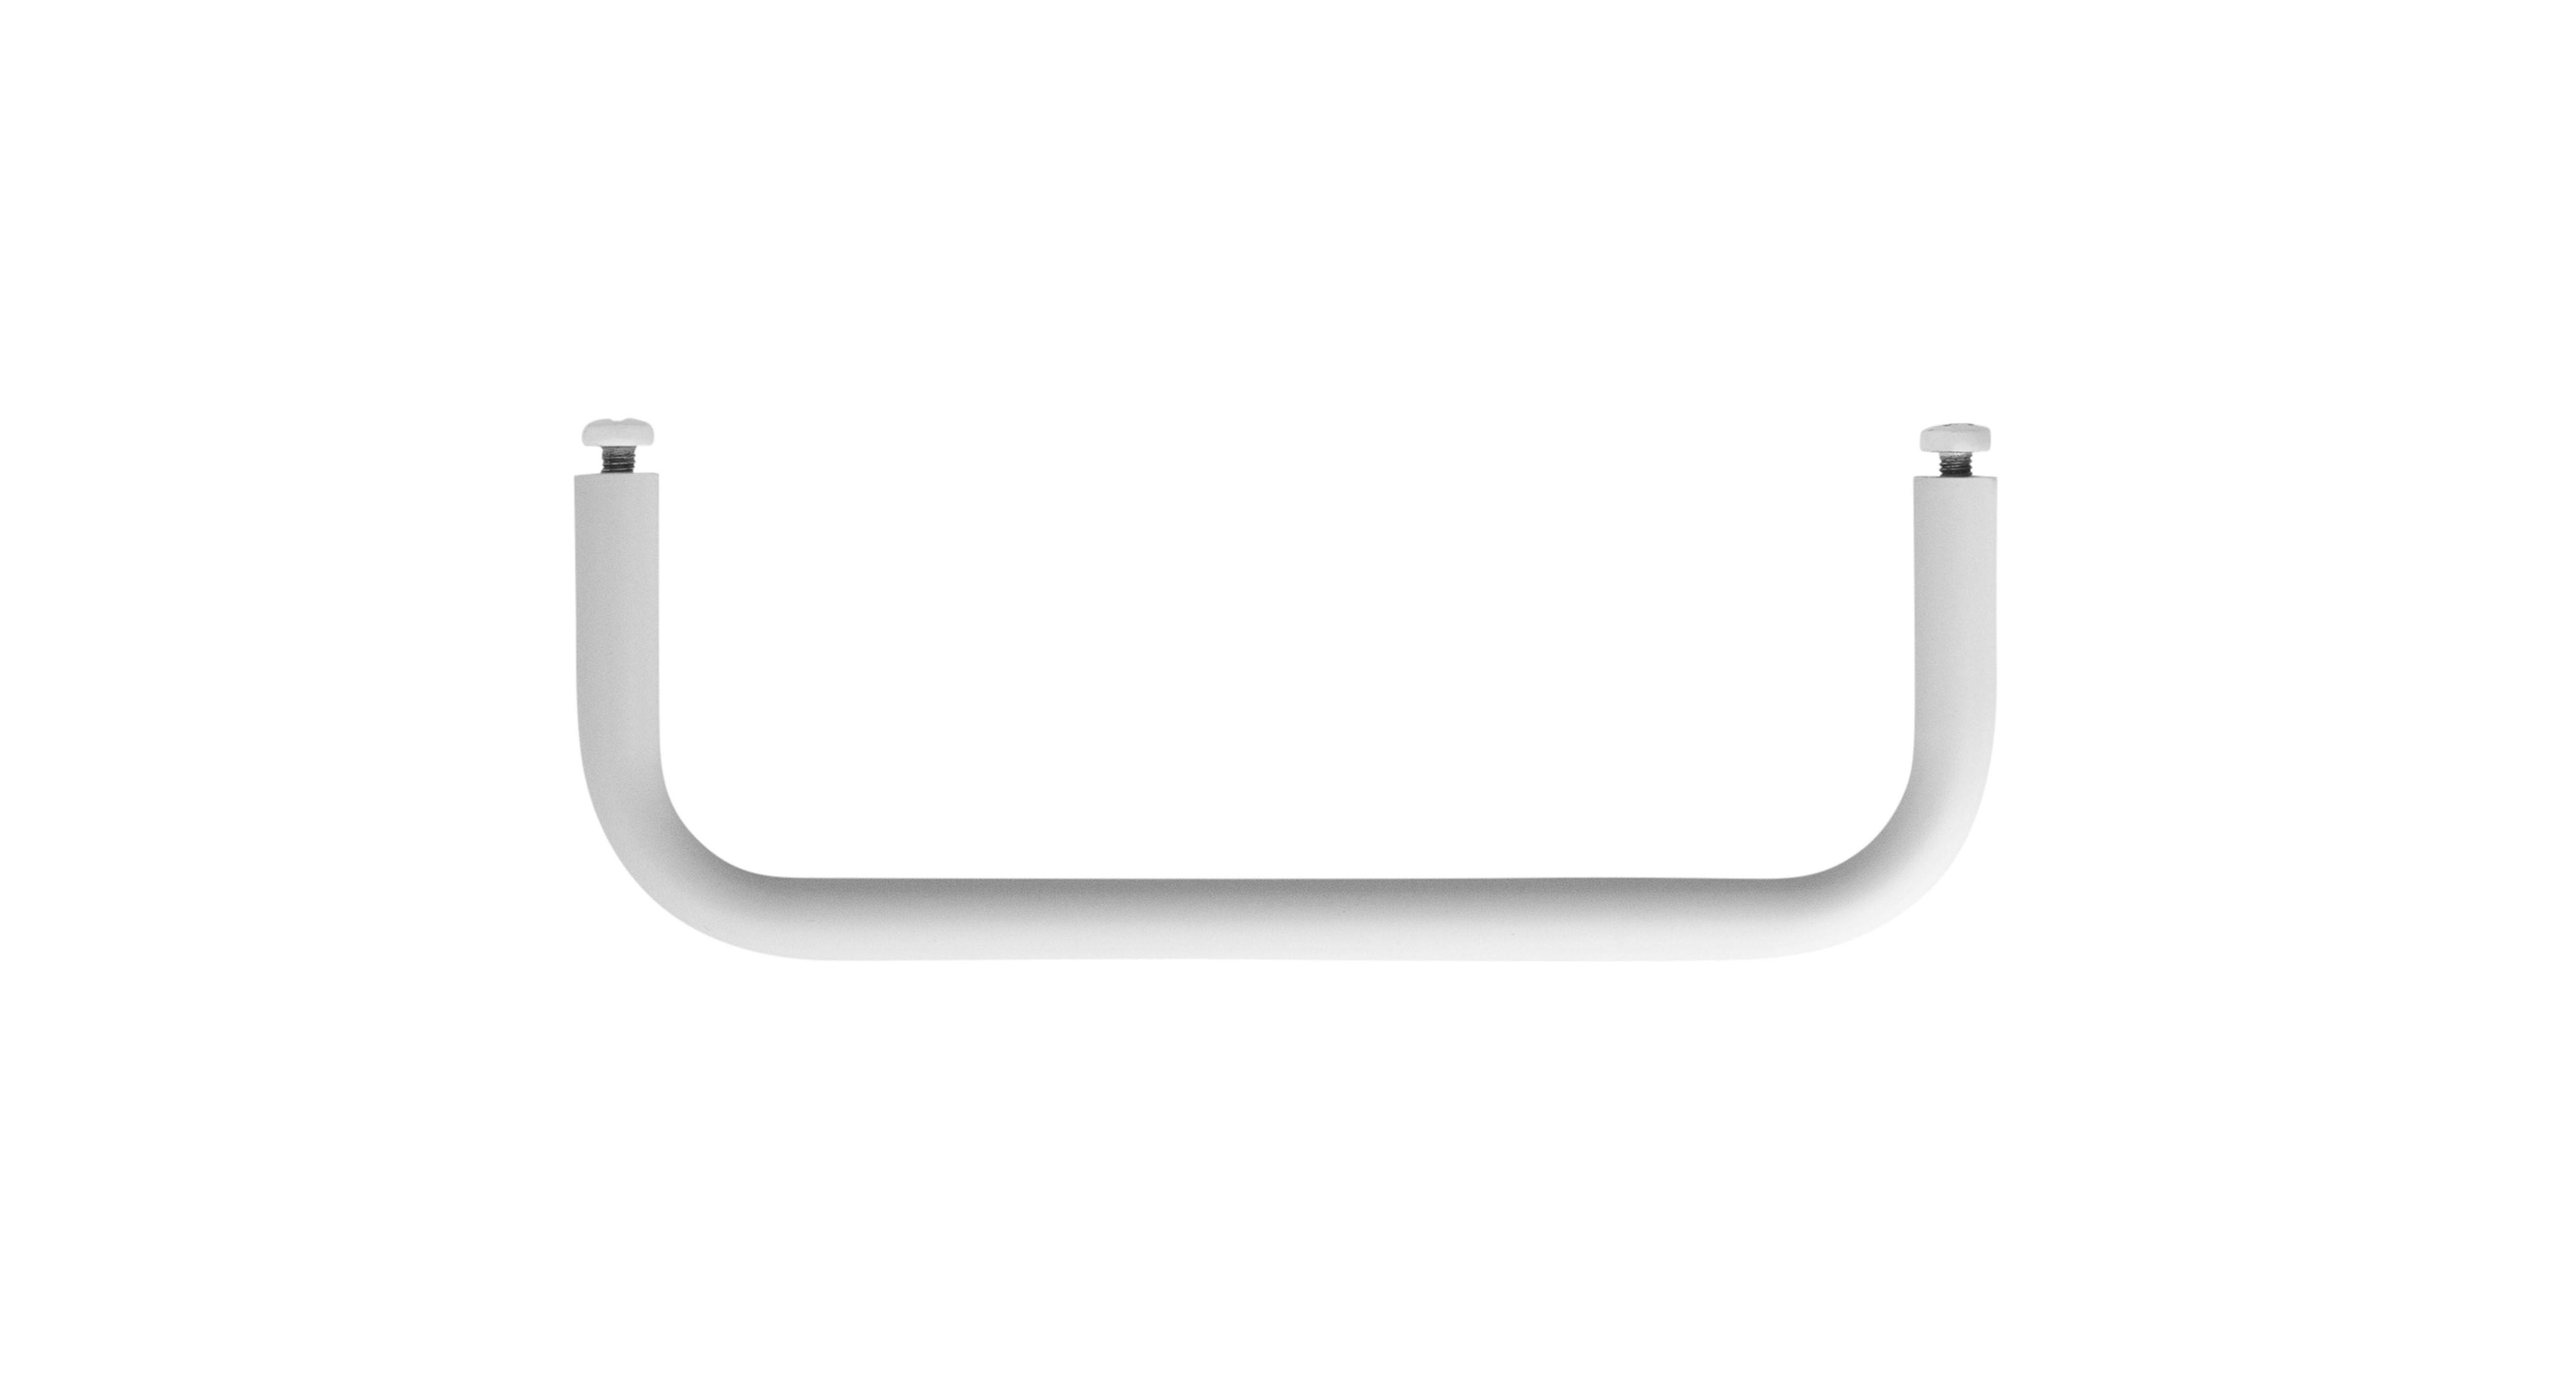 Arredamento - Scaffali e librerie - Sospensione bar Small - / L 30 cm - Per mensole in metallo traforato di String Furniture - L 30 cm / Bianco - metallo laccato